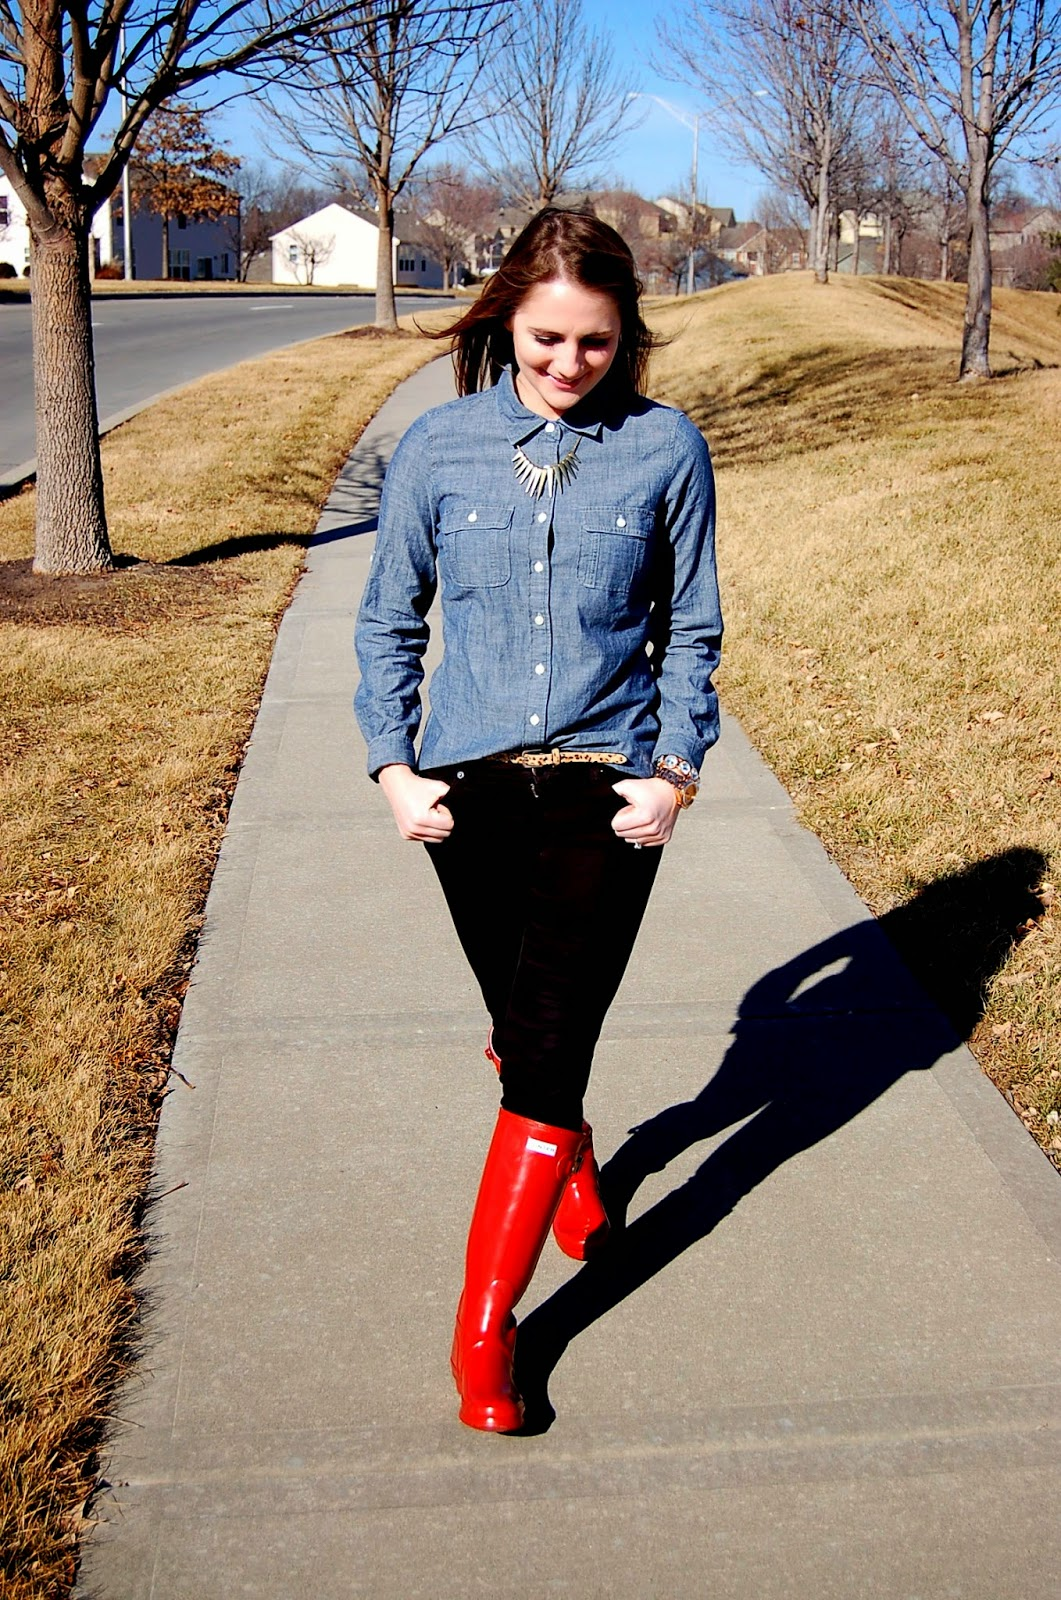 長靴・レインブーツ姿の女性に萌え part.4 [無断転載禁止]©bbspink.comYouTube動画>2本 ->画像>2979枚